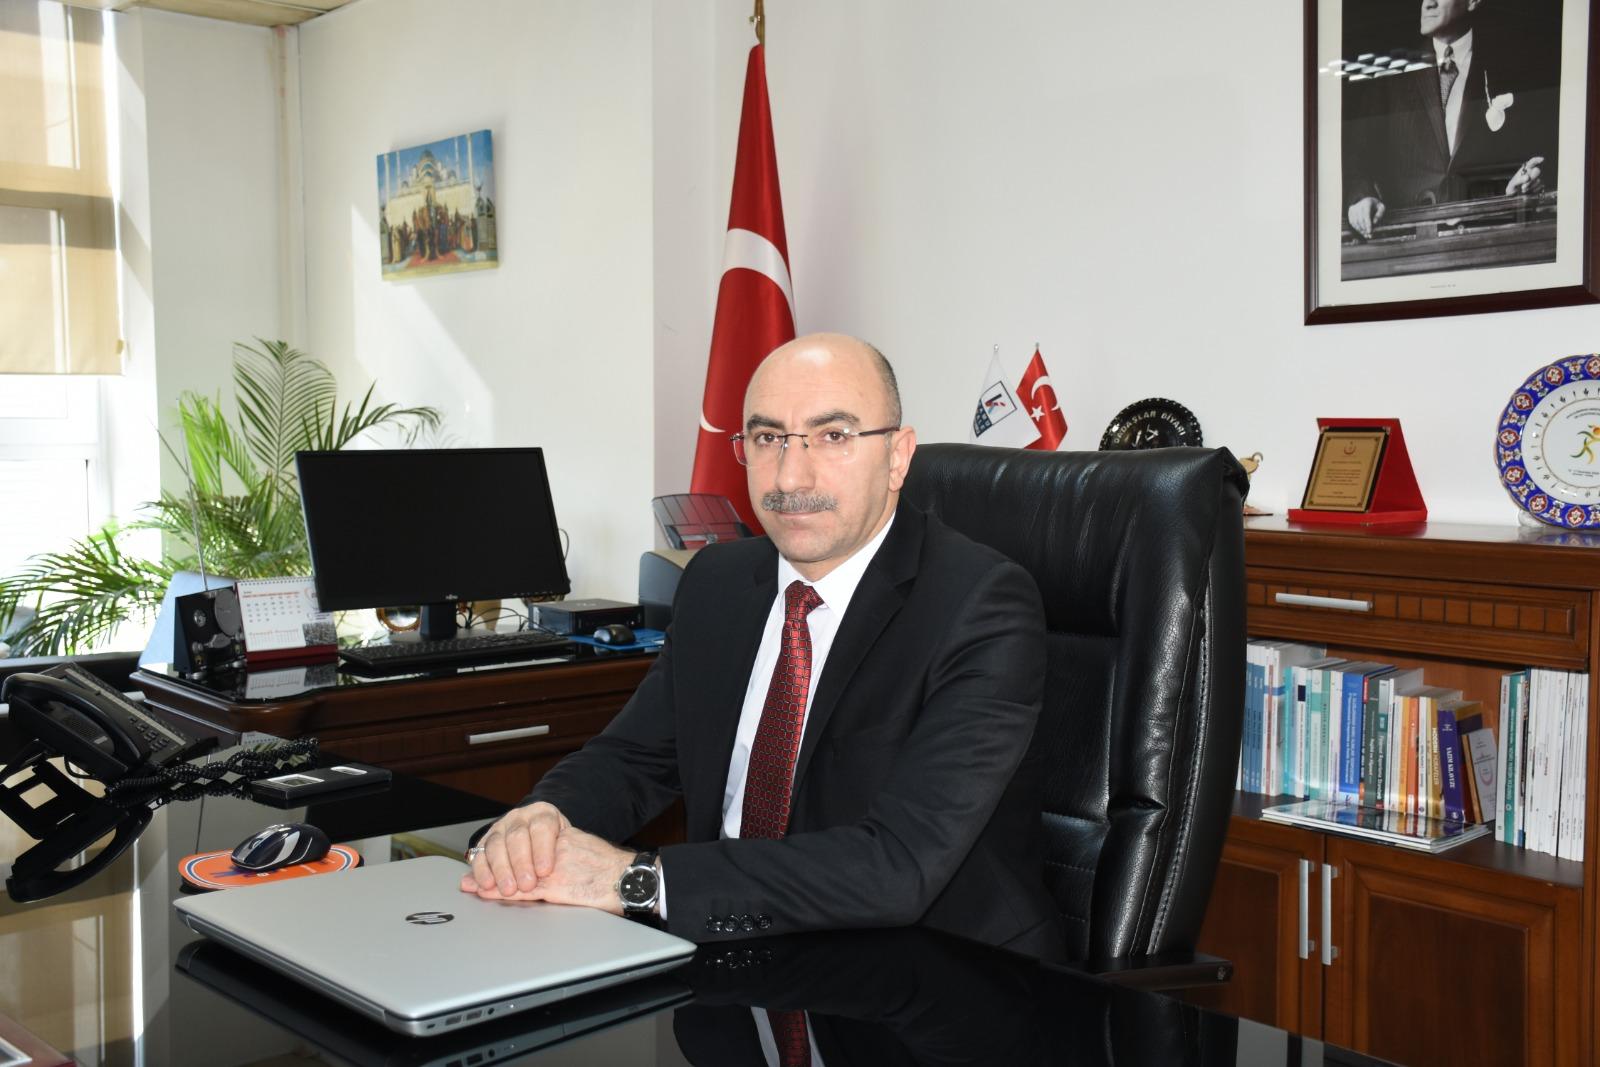 Türkiye'de Ağız ve Diş Sağlığı Hizmetlerinin Gelişimi ve Eğitim